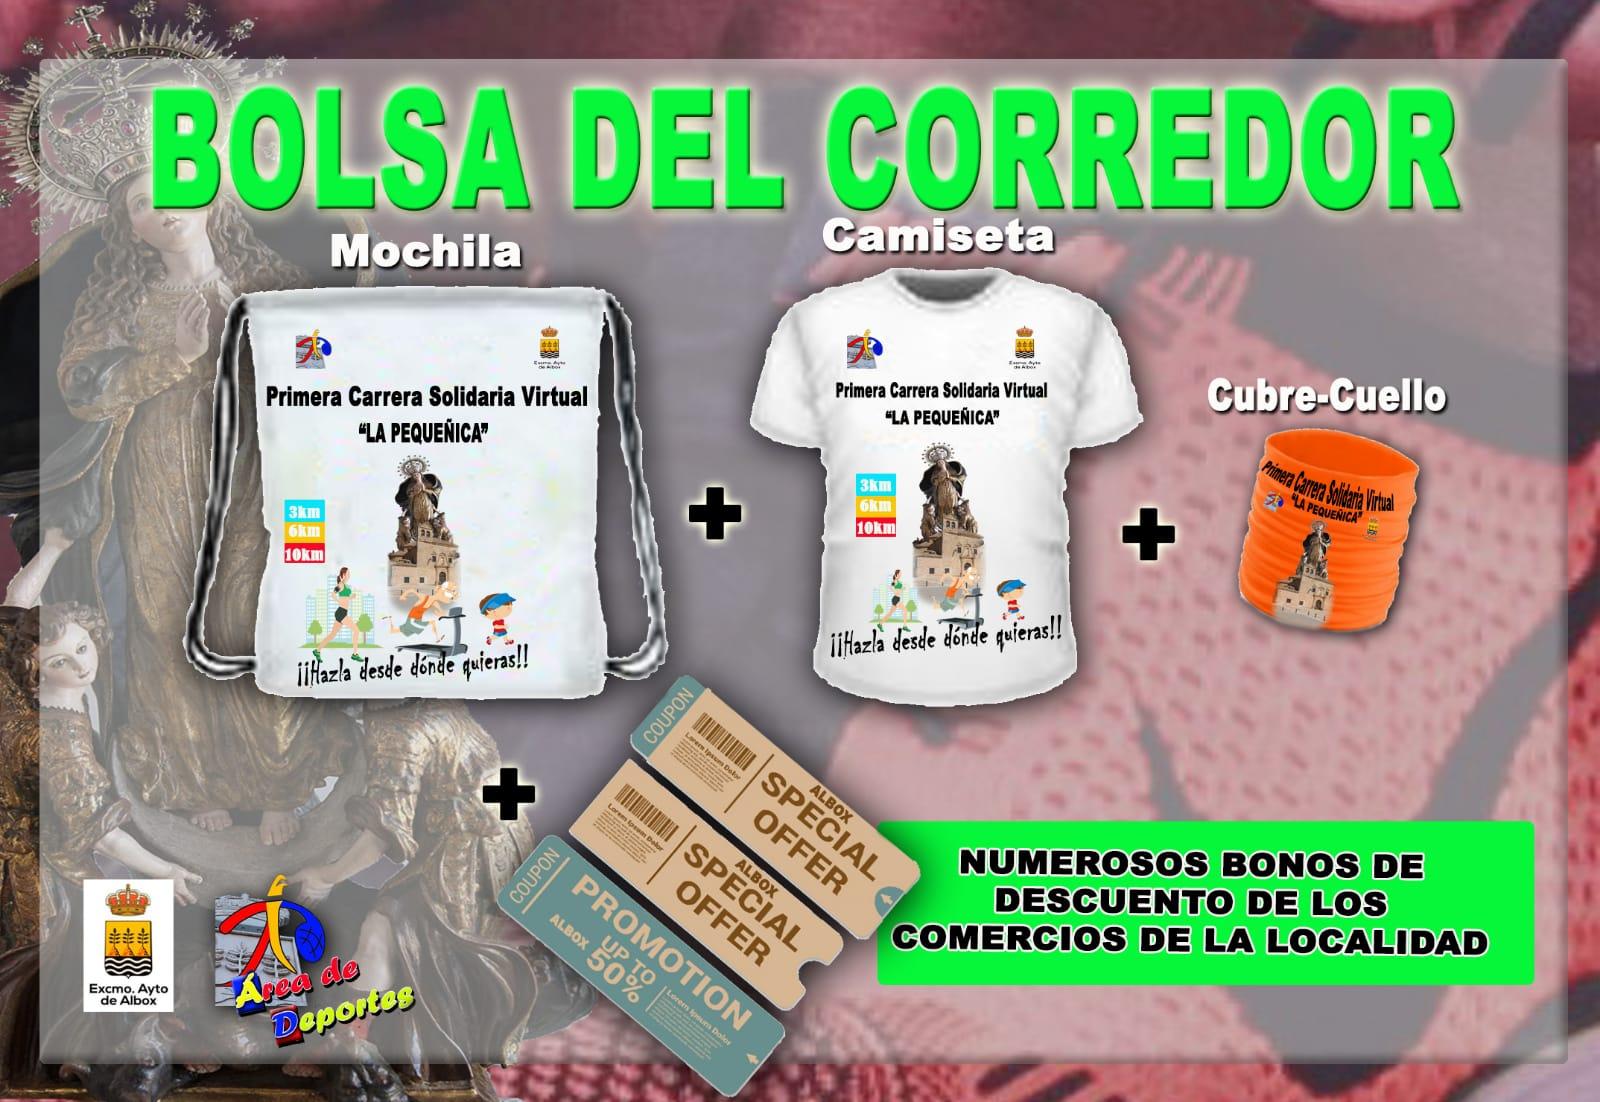 http://cronomur.es/assets/bolsab.jpg